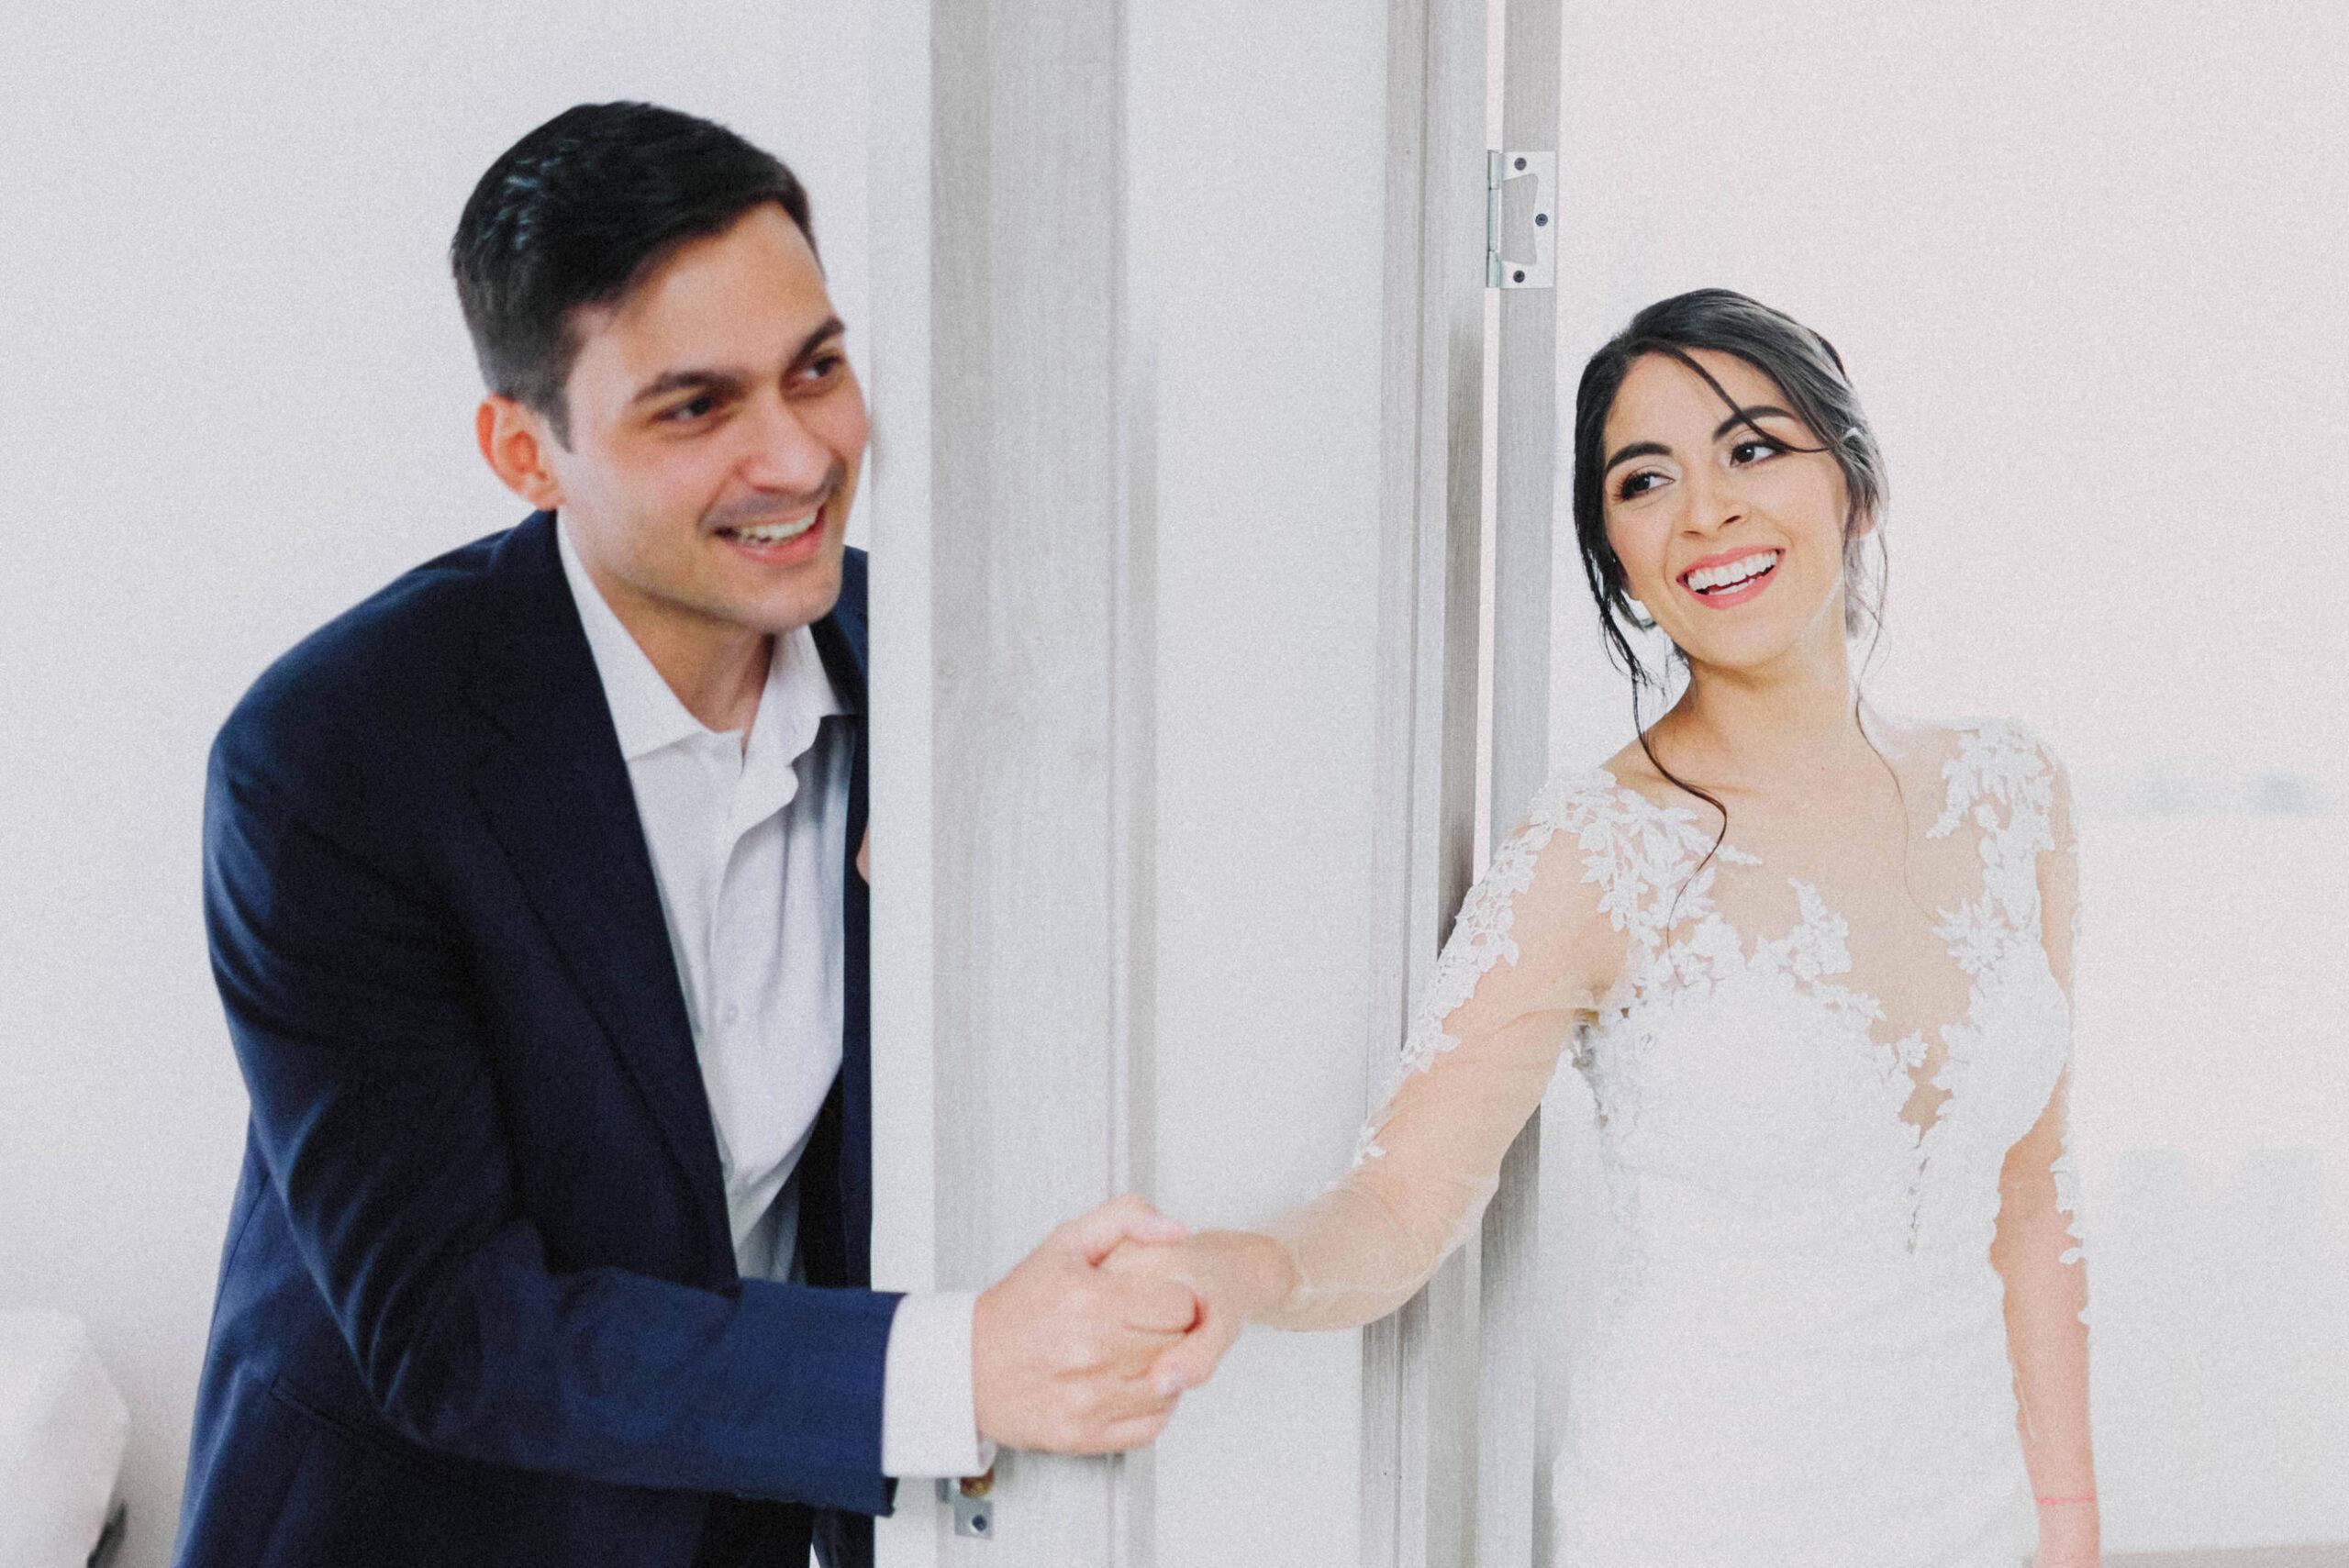 boda de fuga boda-elopement-medellin-Luisa-Cristian-bodas-adventistas-jota-pardo-wedding-photographer